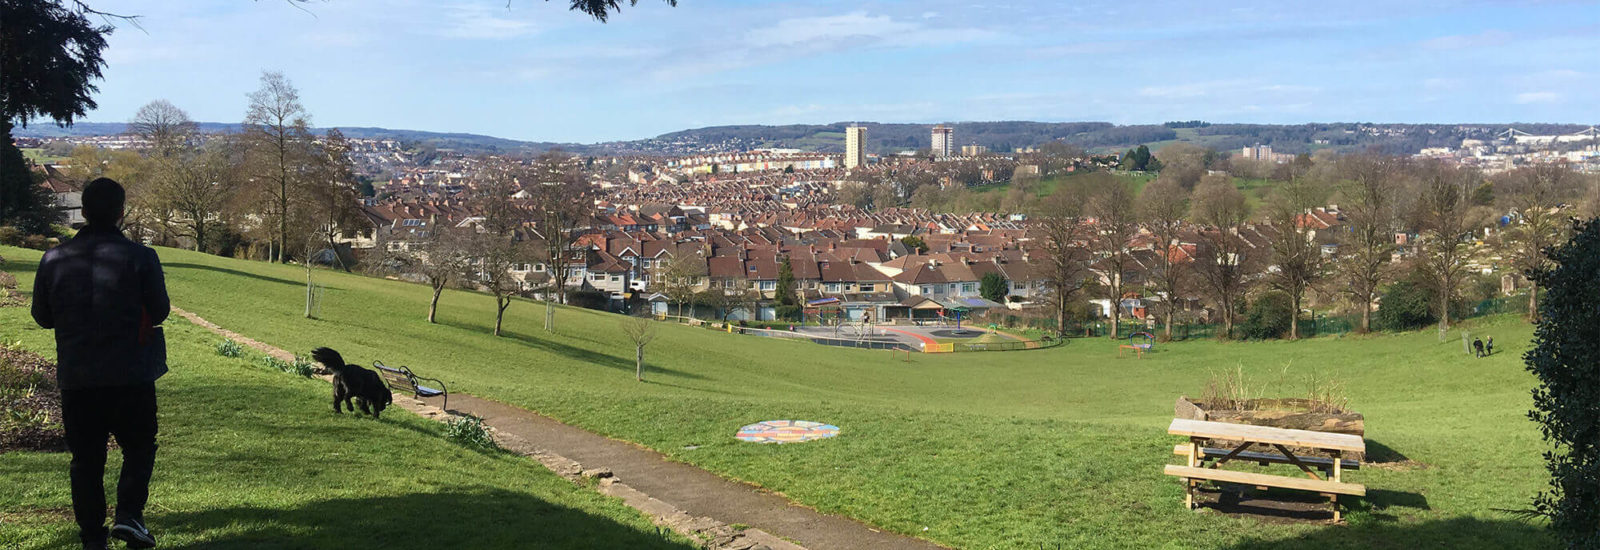 Image of Perrett's Park